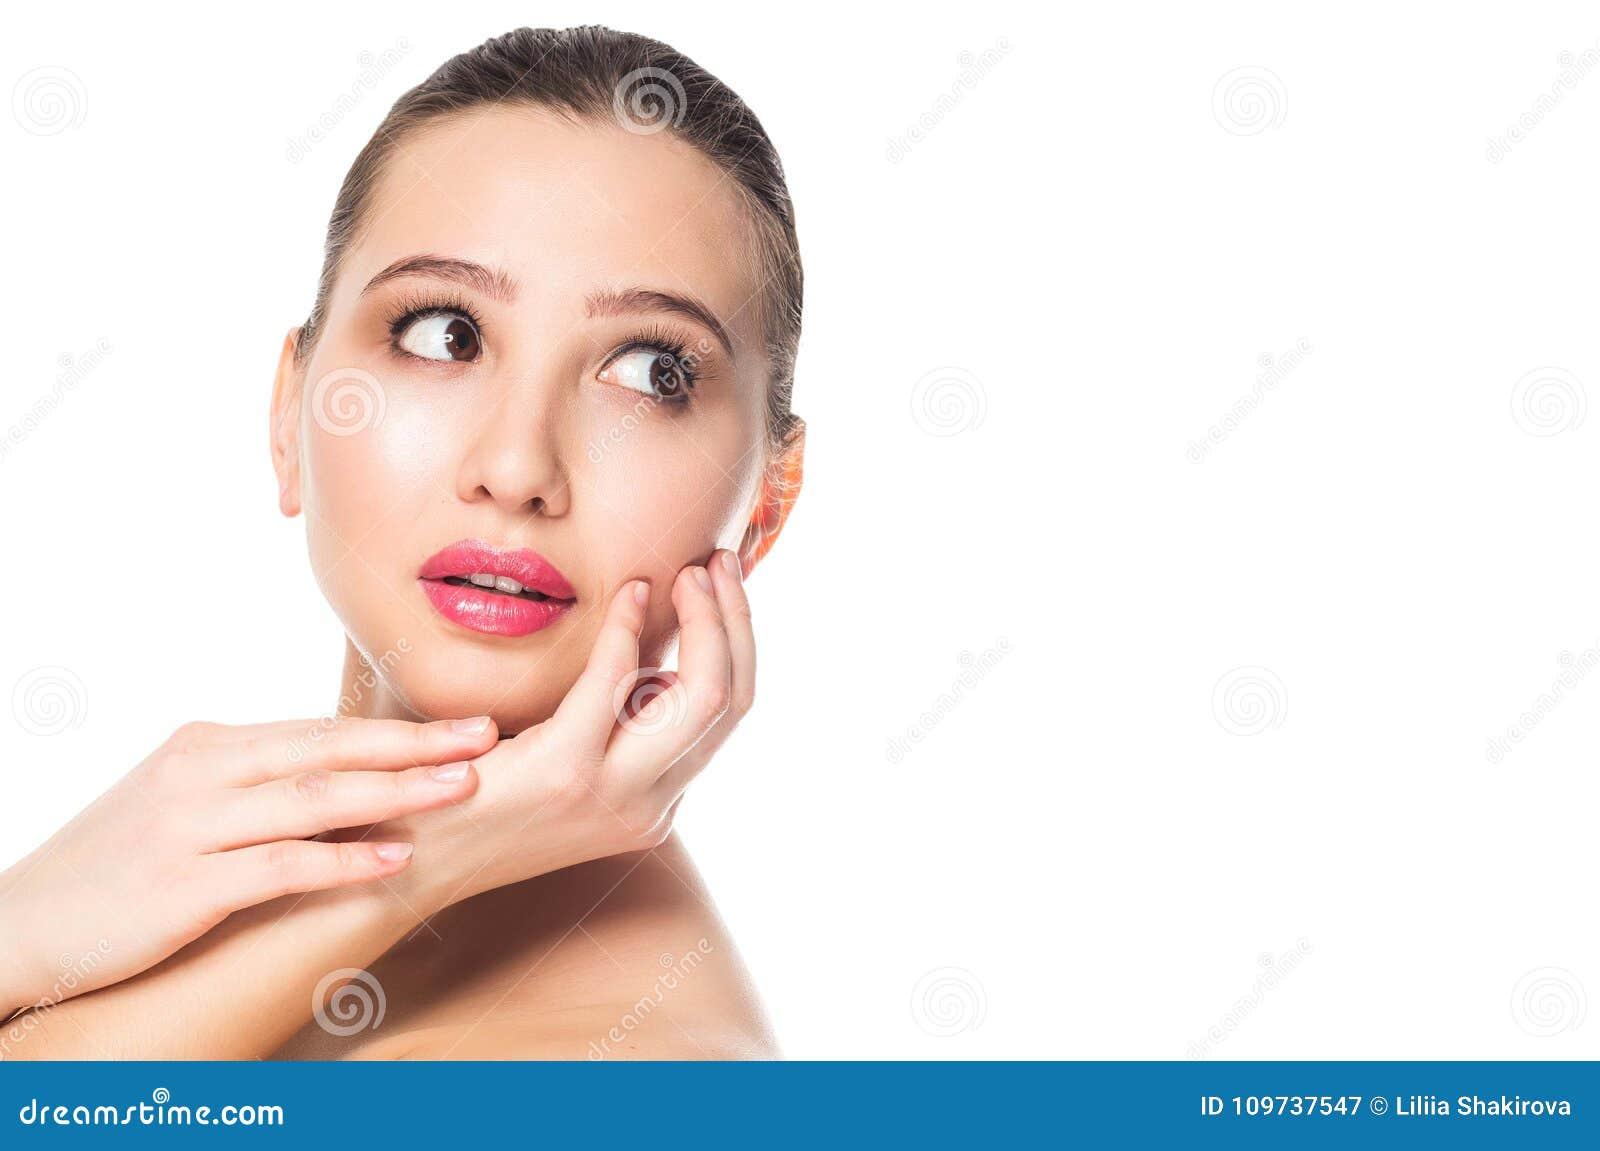 Όμορφη γυναίκα που ανατρέχει, πλευρά απομονωμένο στο λευκό υπόβαθρο, οριζόντιο Το φρέσκο ελατήριο αποτελεί, ρόδινα χείλια, brunet